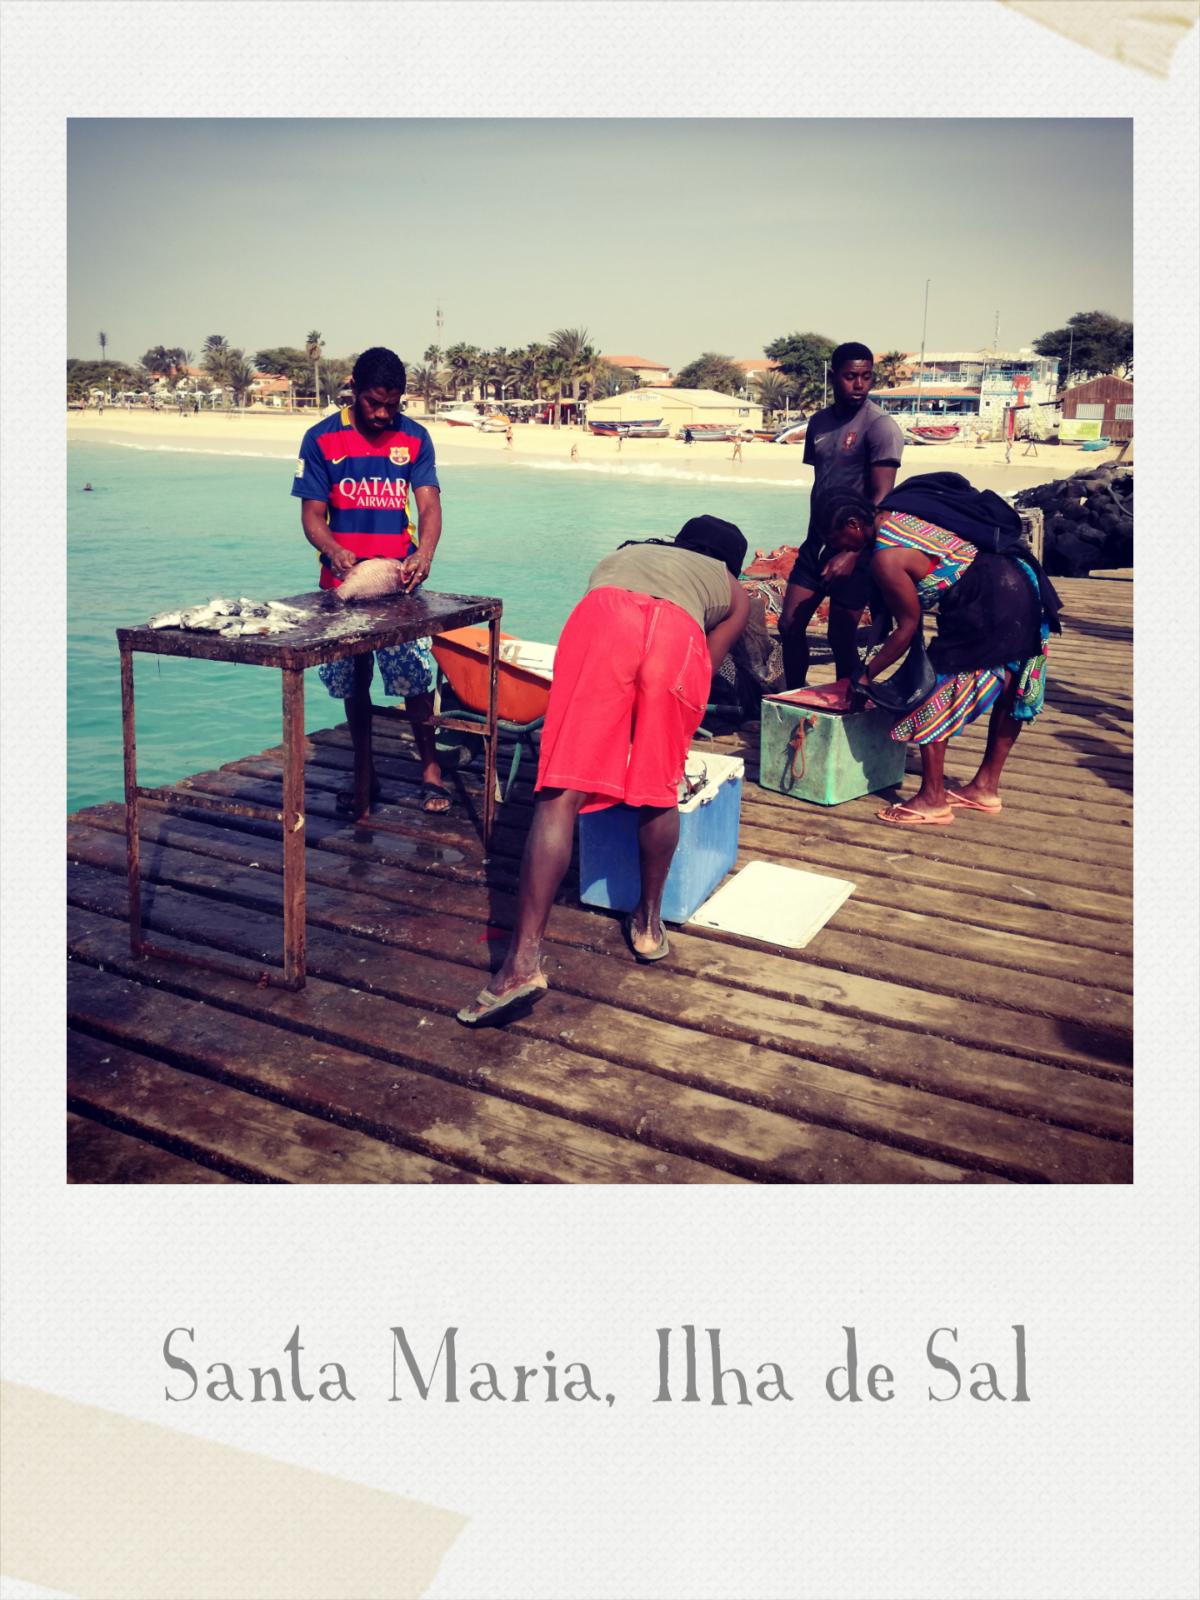 Santa Maria _ Ilha de Sal, 10 febbraio